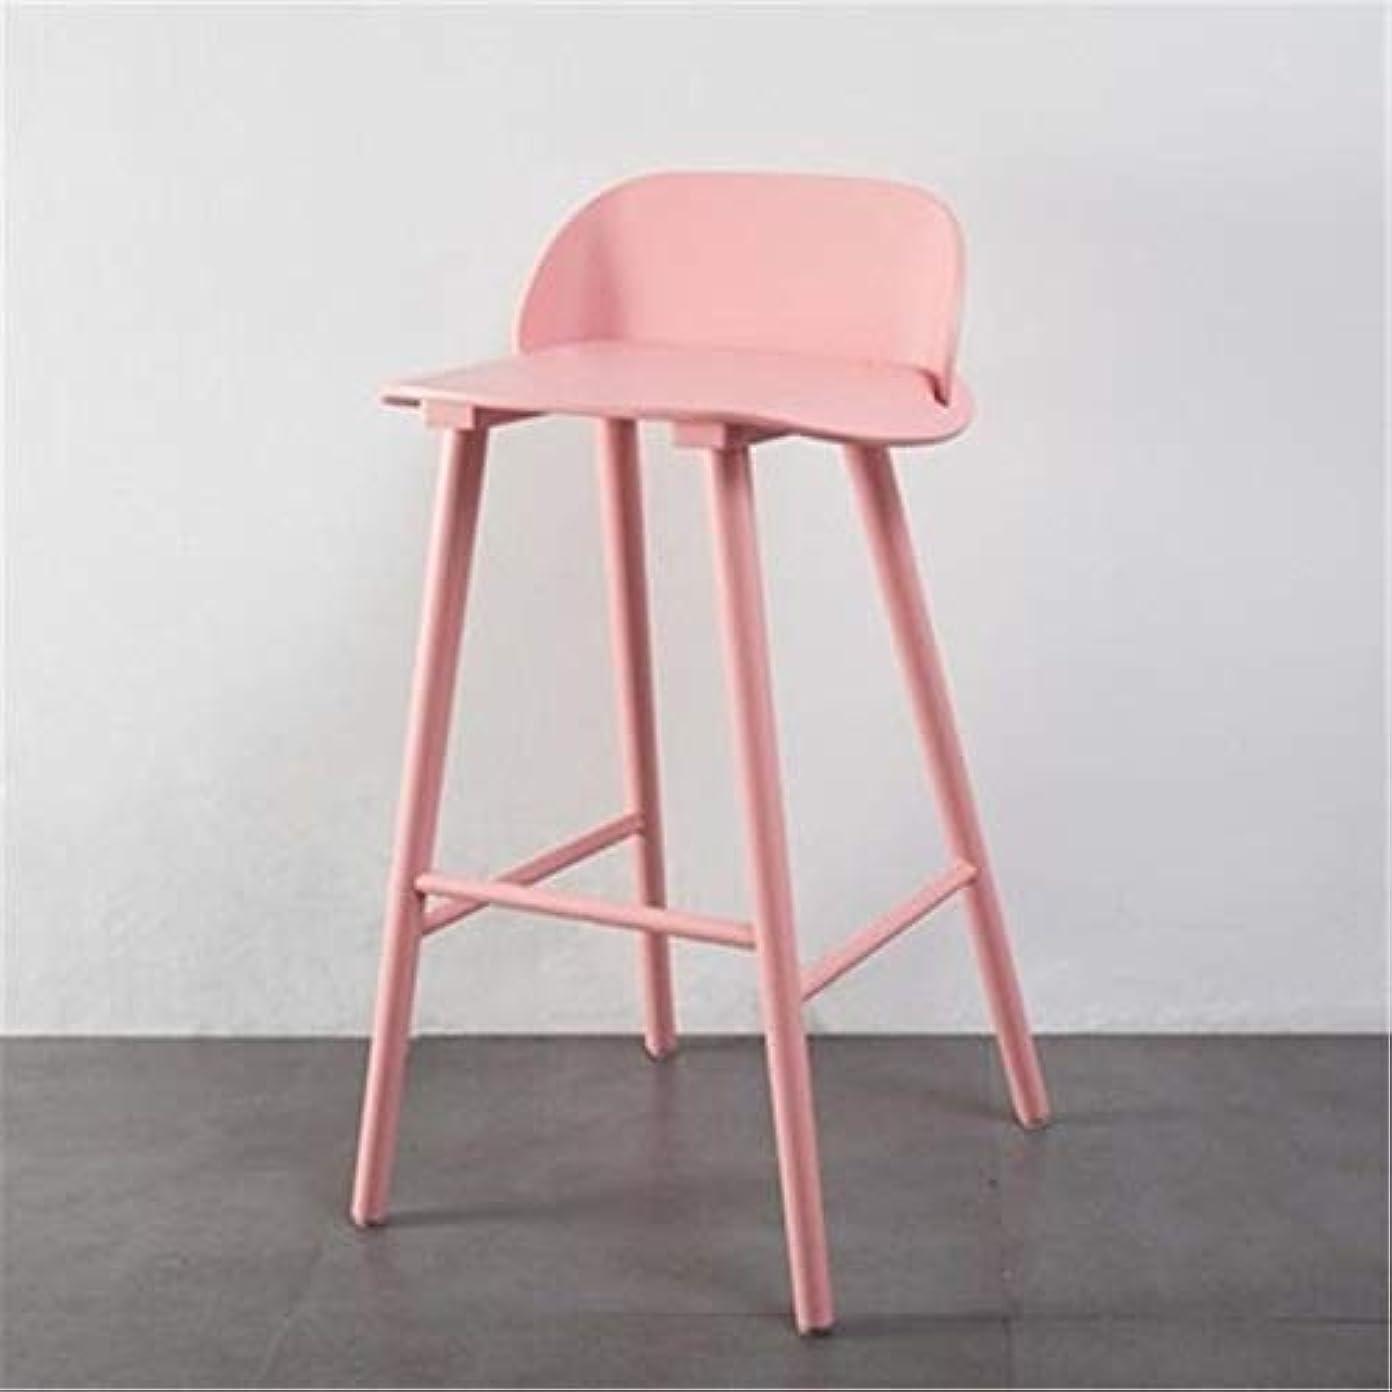 役職そして考える北欧モダンミニマリストファッション錬鉄製のバーテーブルと椅子(ホワイト) ハイクオリティ (色 : ピンク)